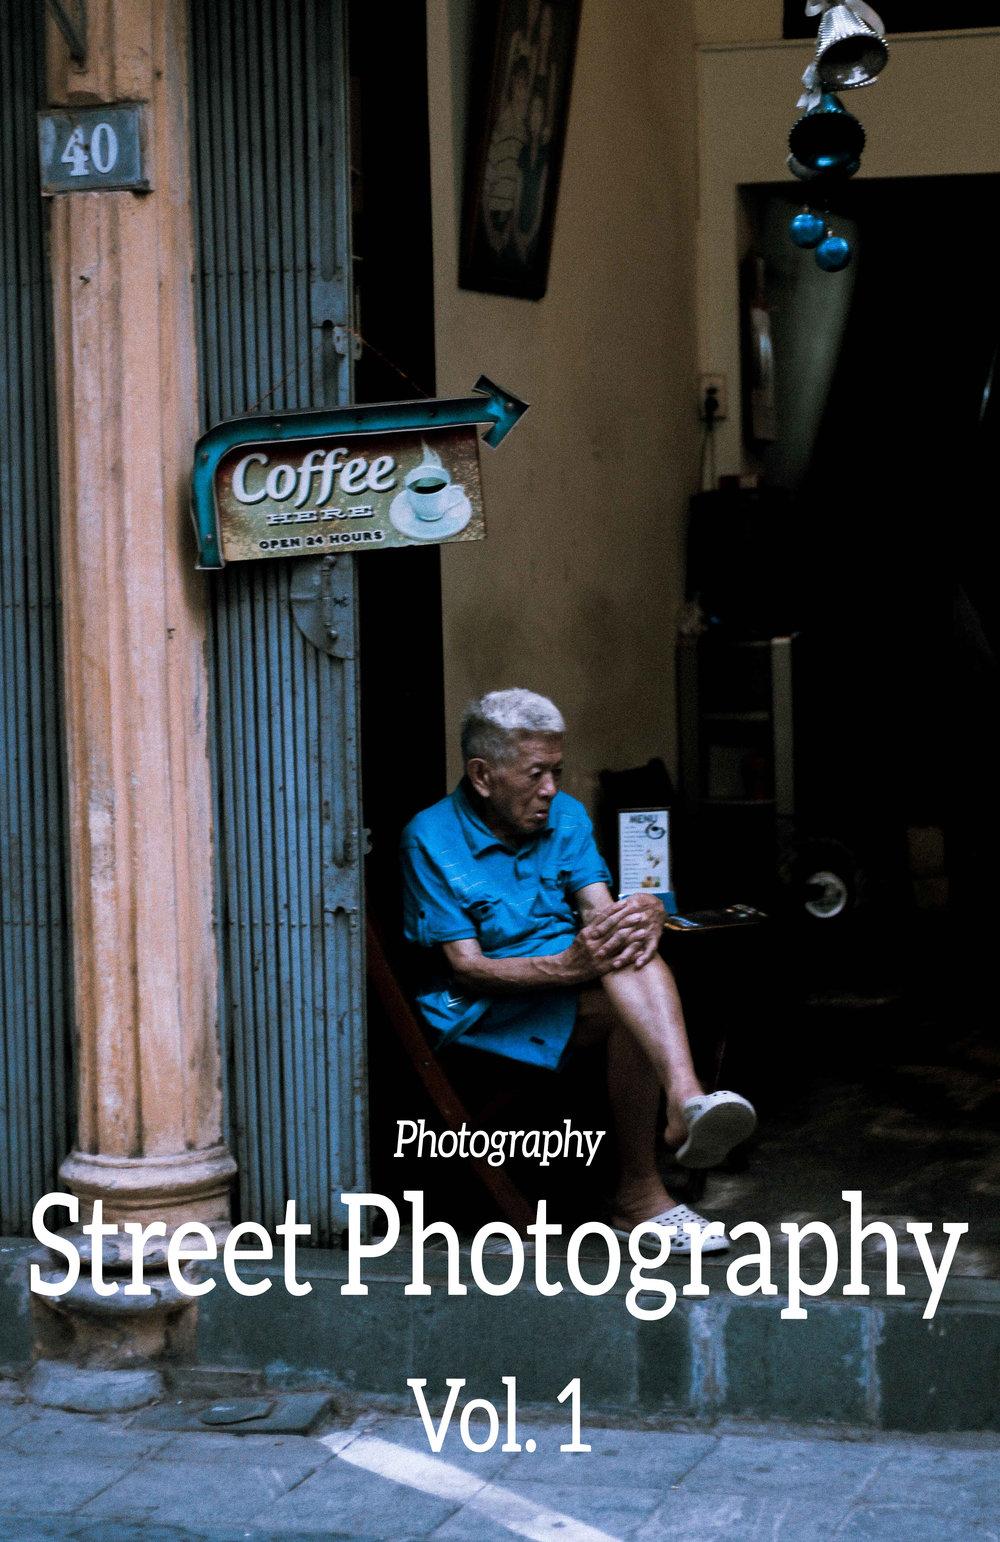 Street Photography - Seoul, Tokyo, Hanoi, Hong Kong